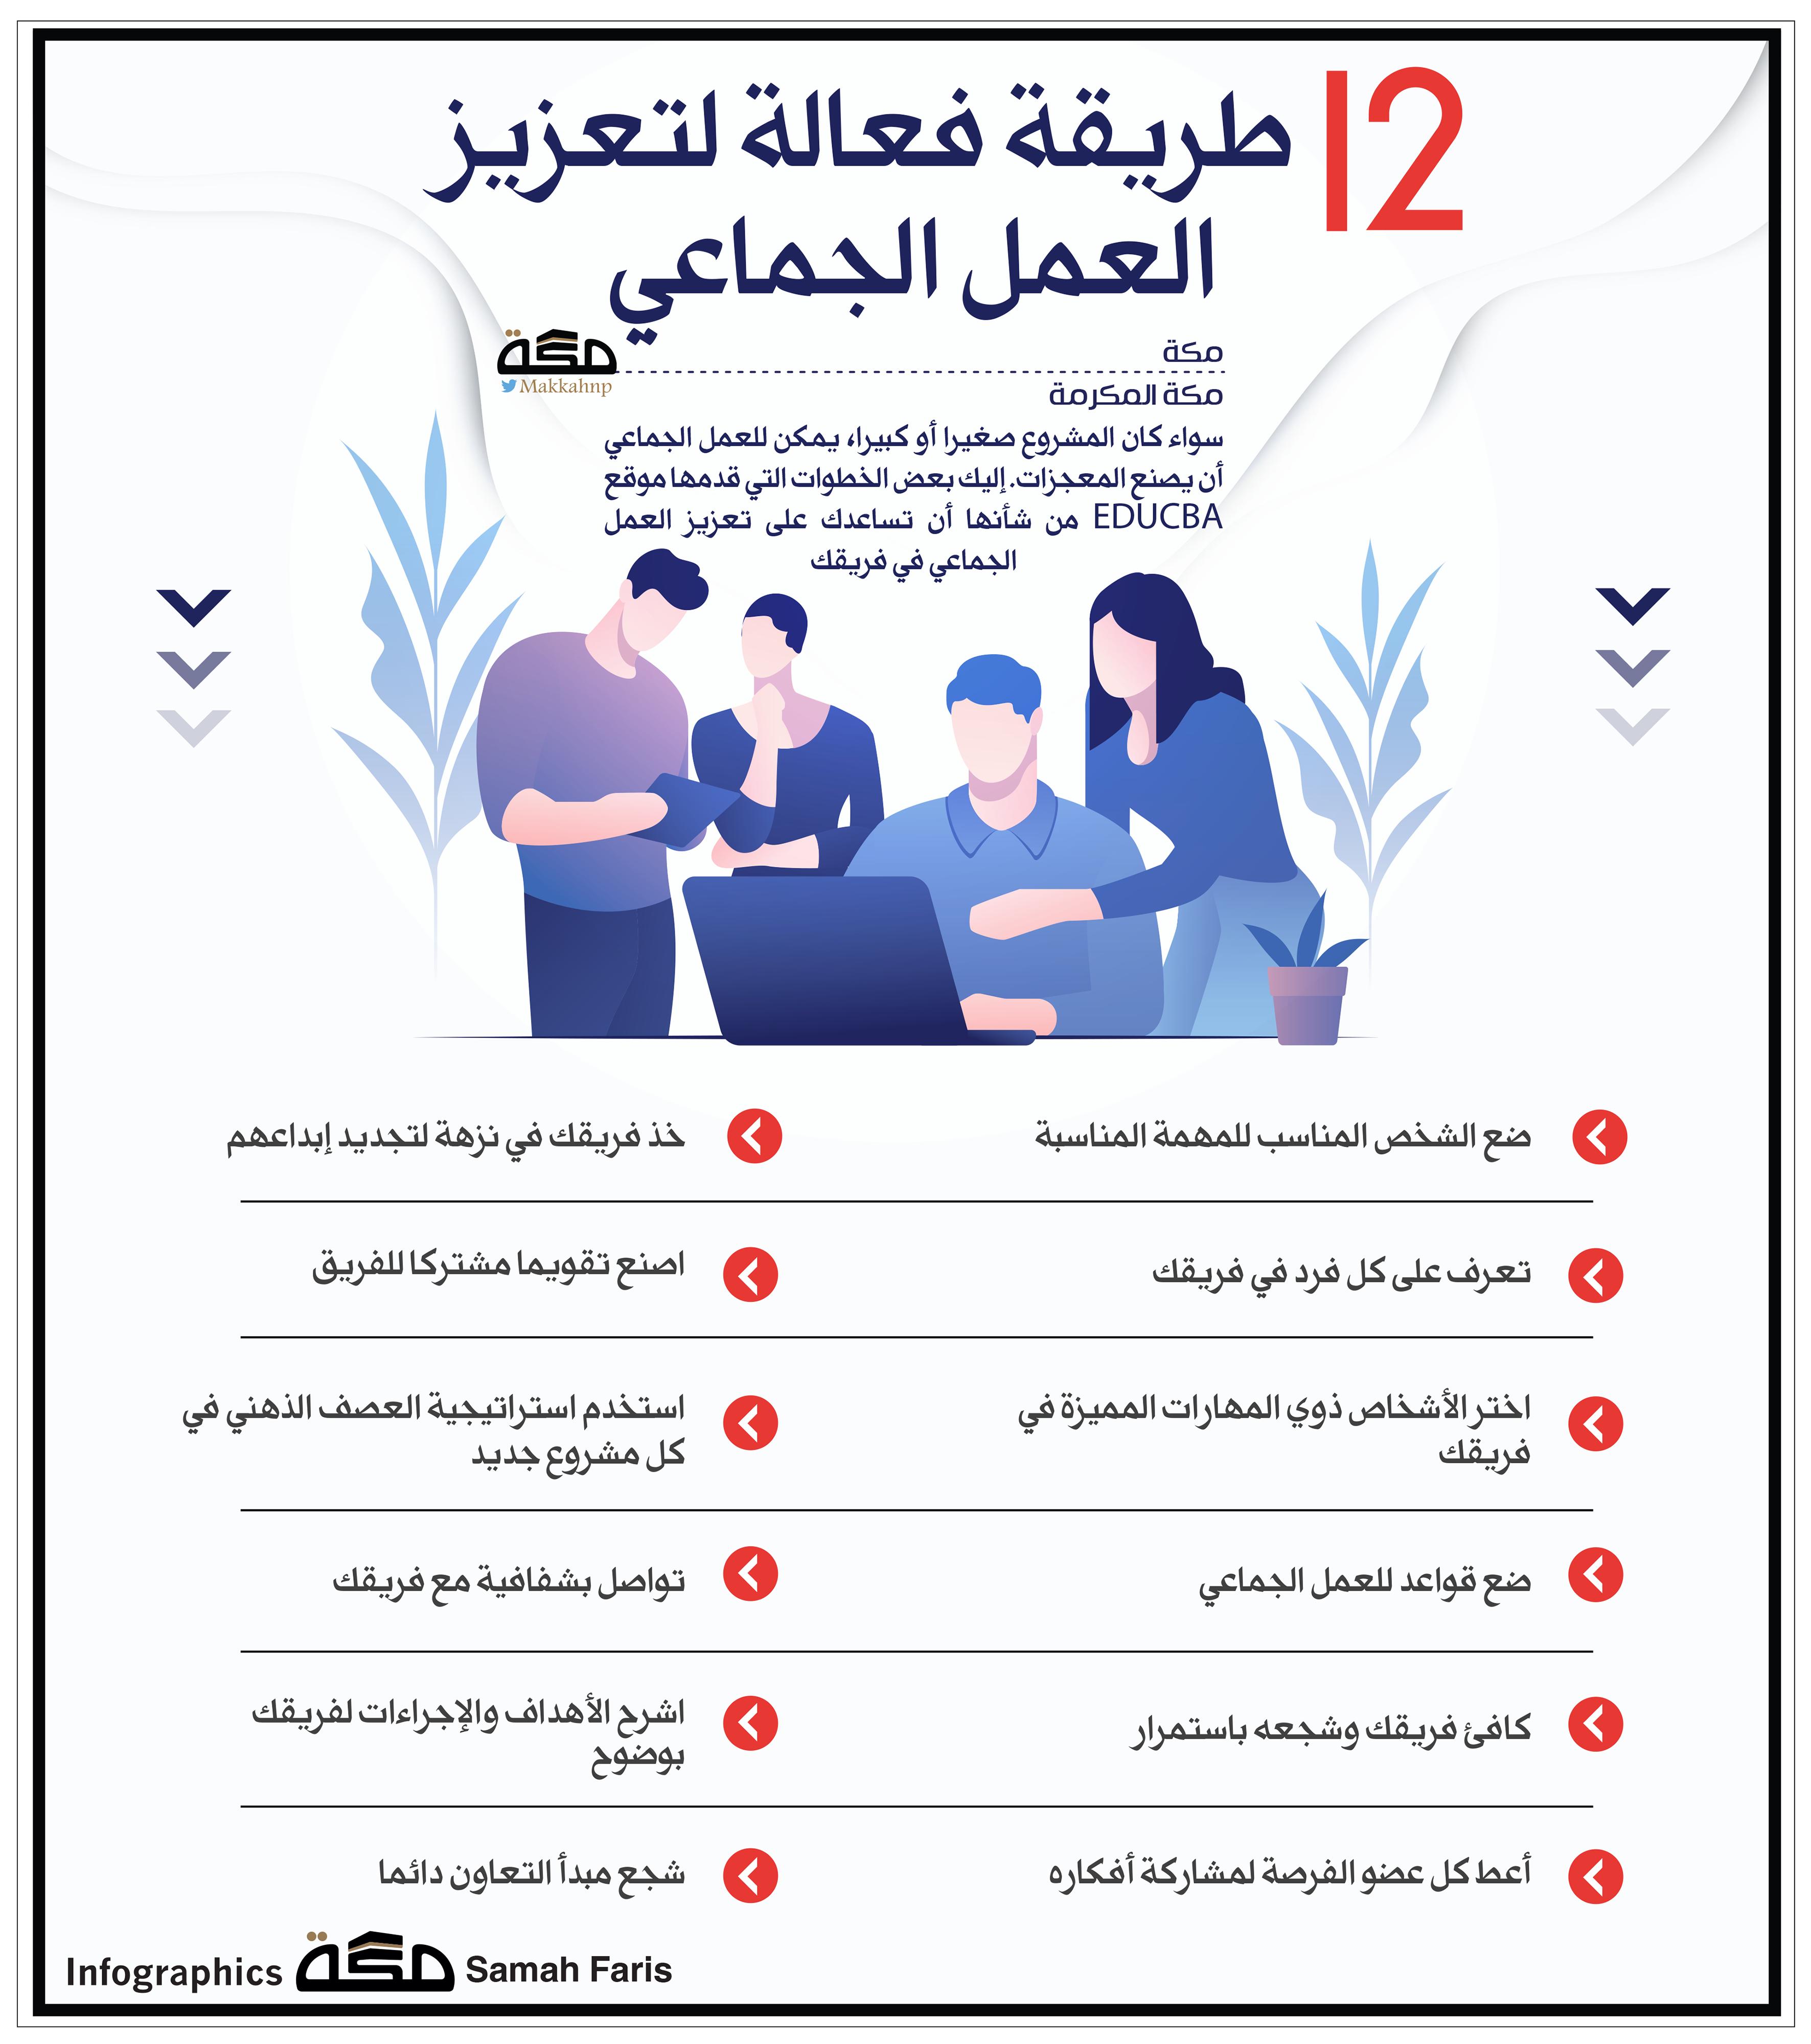 12 طريقة فعالة لتعزيز العمل الجماعي إنفوجرافيك جرافيك العمل الجماعي Infographic Graphic Teamwork صحيفة مكة Life Quotes Strategic Leadership Positivity